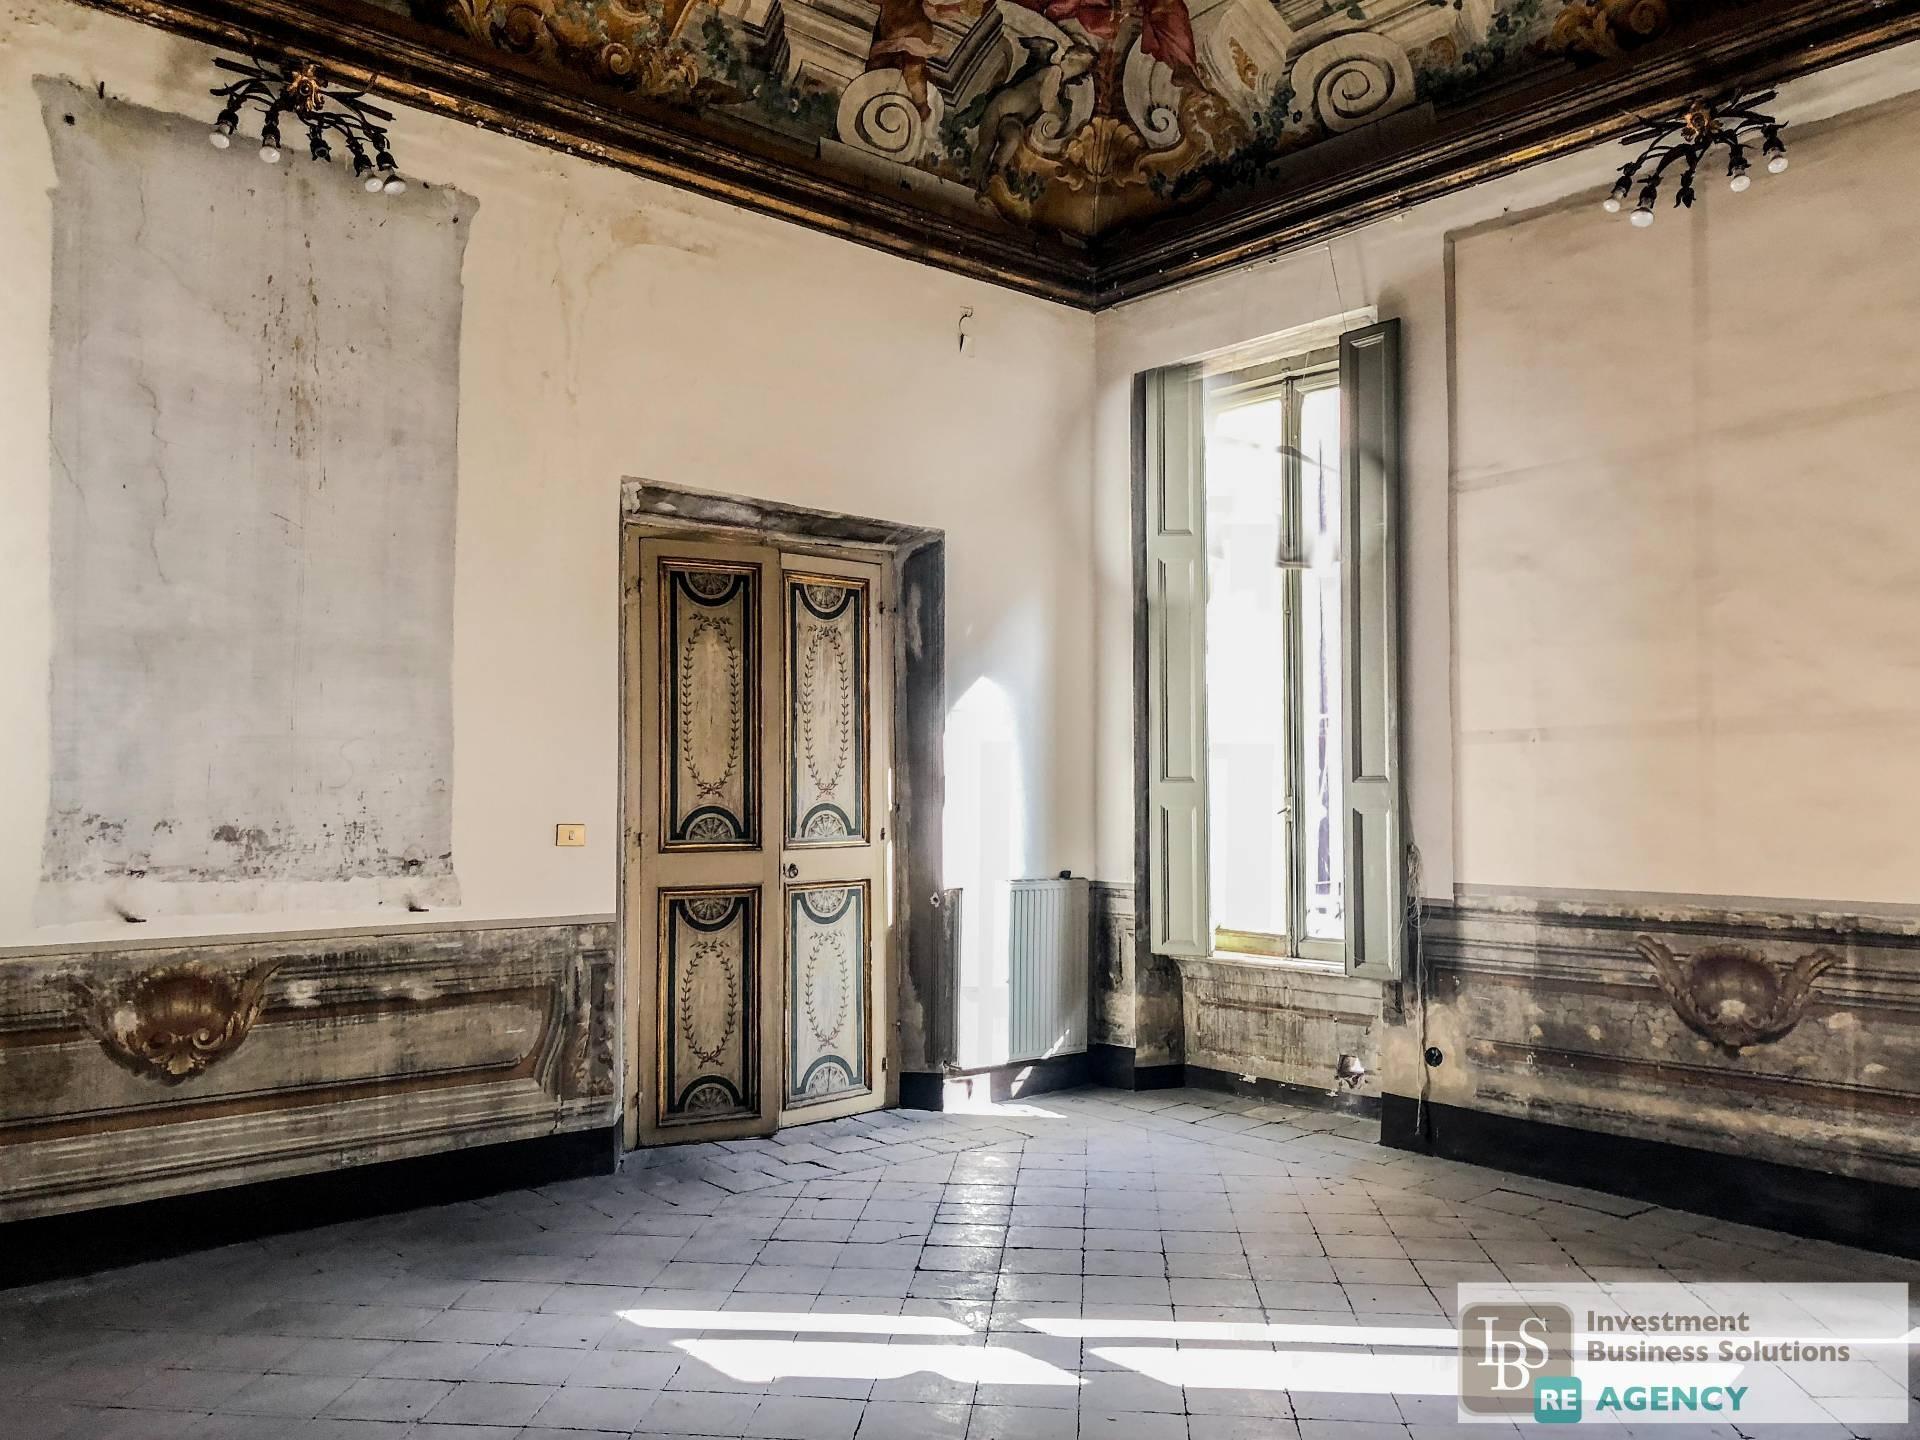 Ufficio In Vendita Roma : Ufficio studio in vendita a roma cod stelletta ufficio